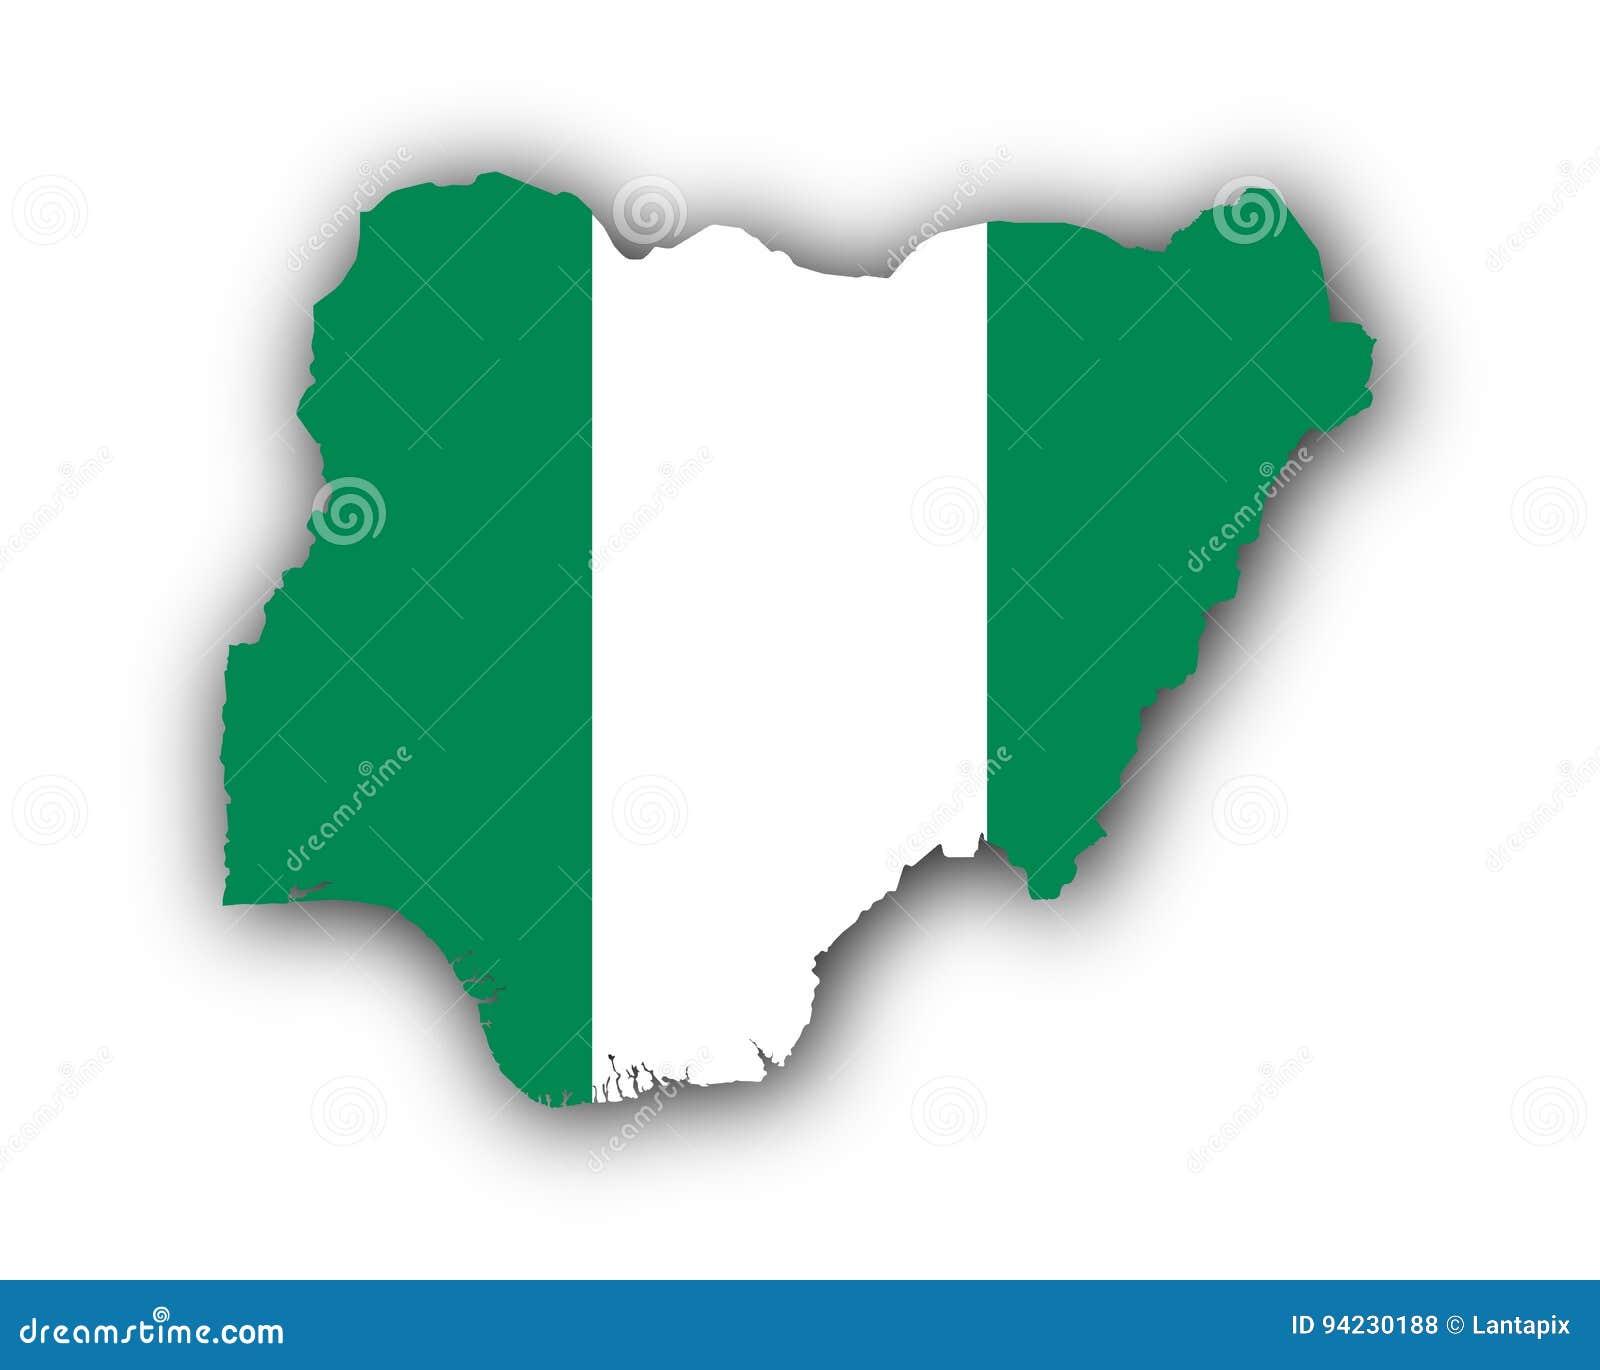 Mapa y bandera de Nigeria ilustración del vector. Ilustración de ...